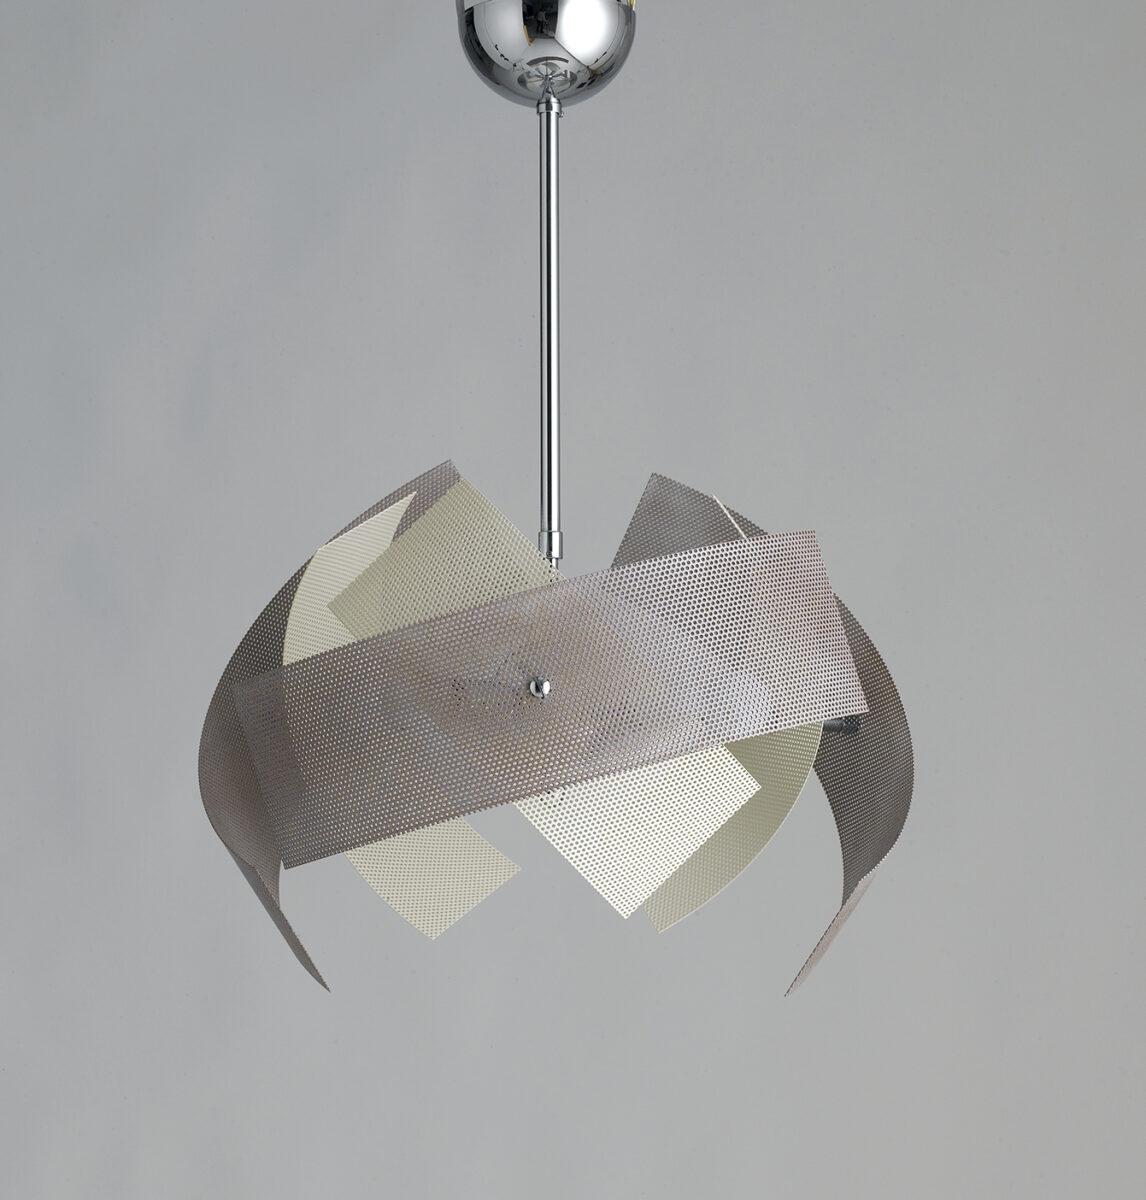 Tiarch com   Lampadari Moderni Leroy Merlin -> Lampadari Moderni Camera Letto